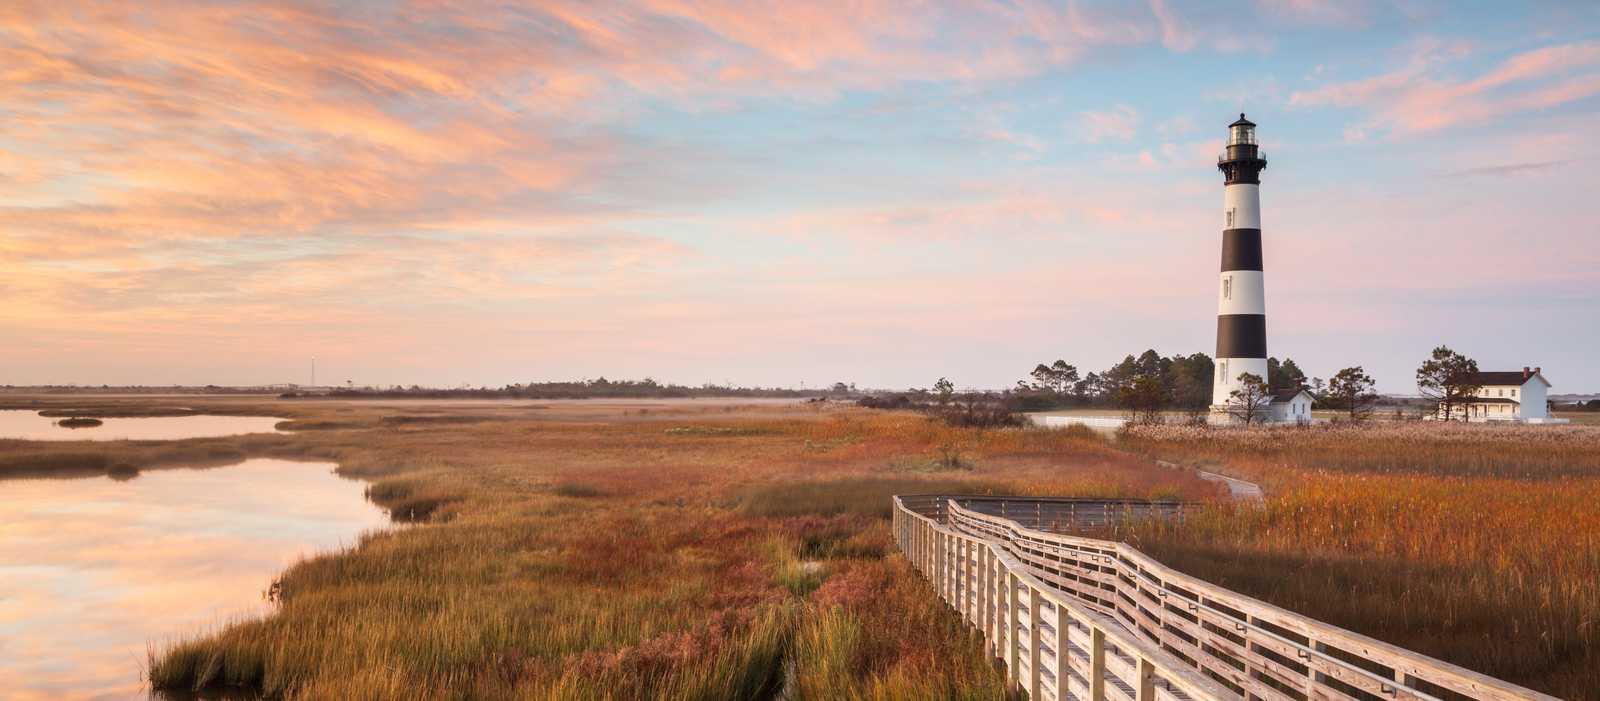 Blick auf den Leuchtturm von Bodie Island an der Cape Hatteras National Seashore in North Carolina